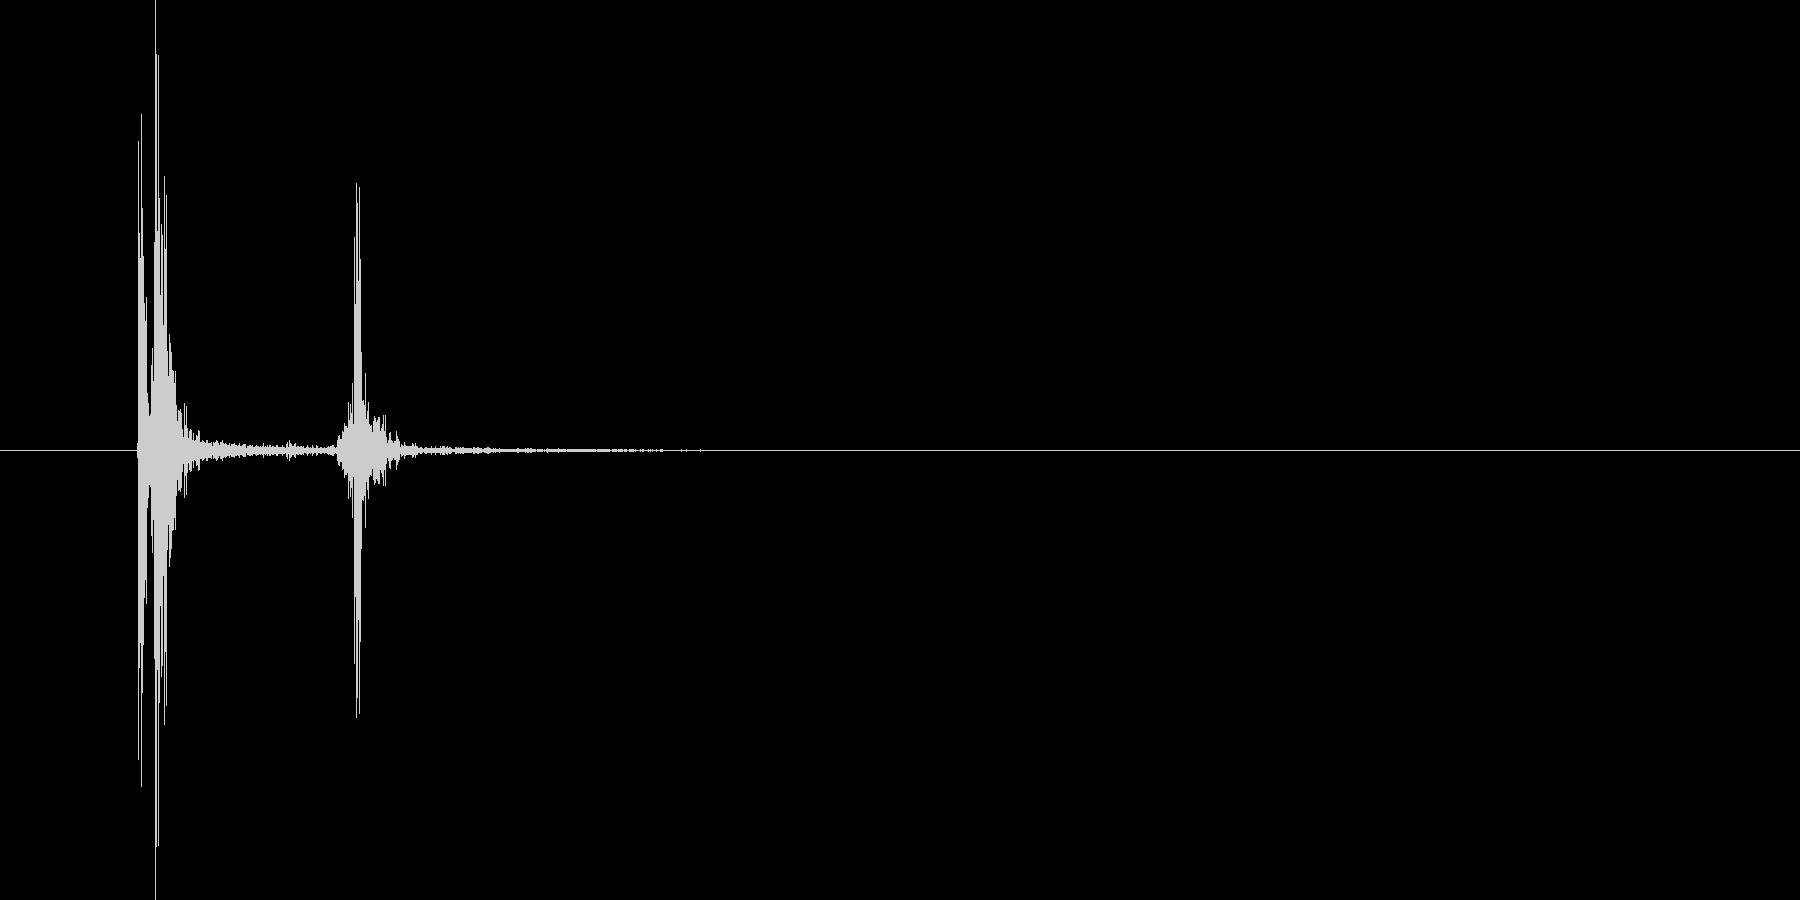 エンターキー_パソコン_キーボード_弱めの未再生の波形